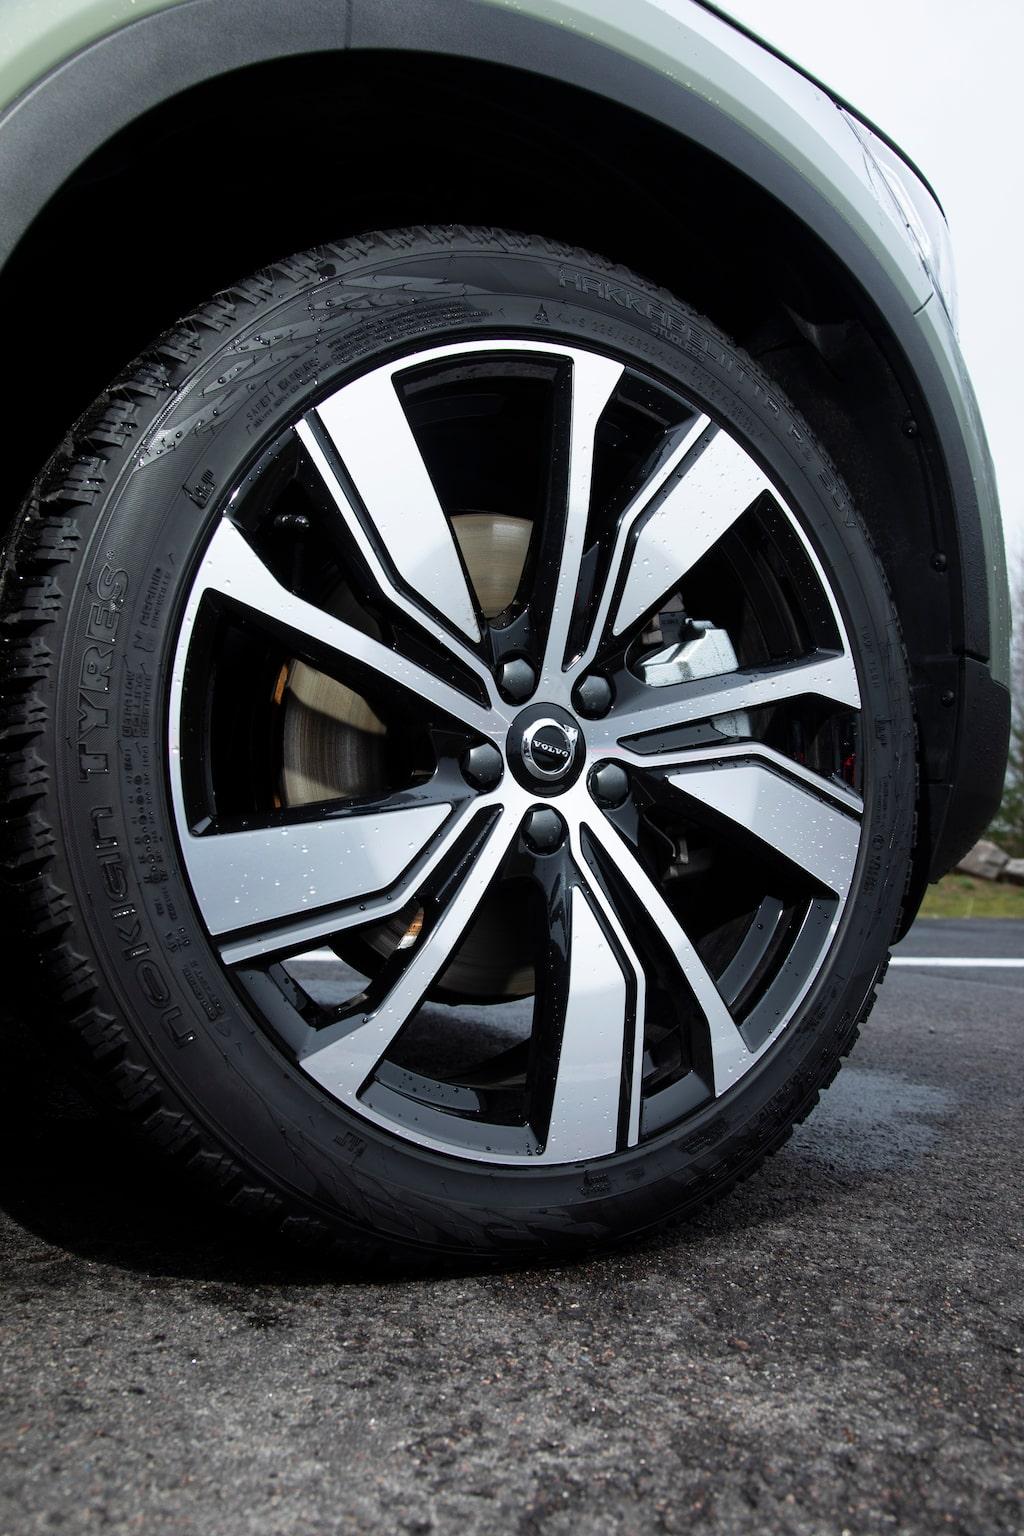 Standard är 19-tumshjul, men testbilen har 20-tumsfälgar, tillval för 6000 kronor. Fram sitter 235/45, bak 255/40.